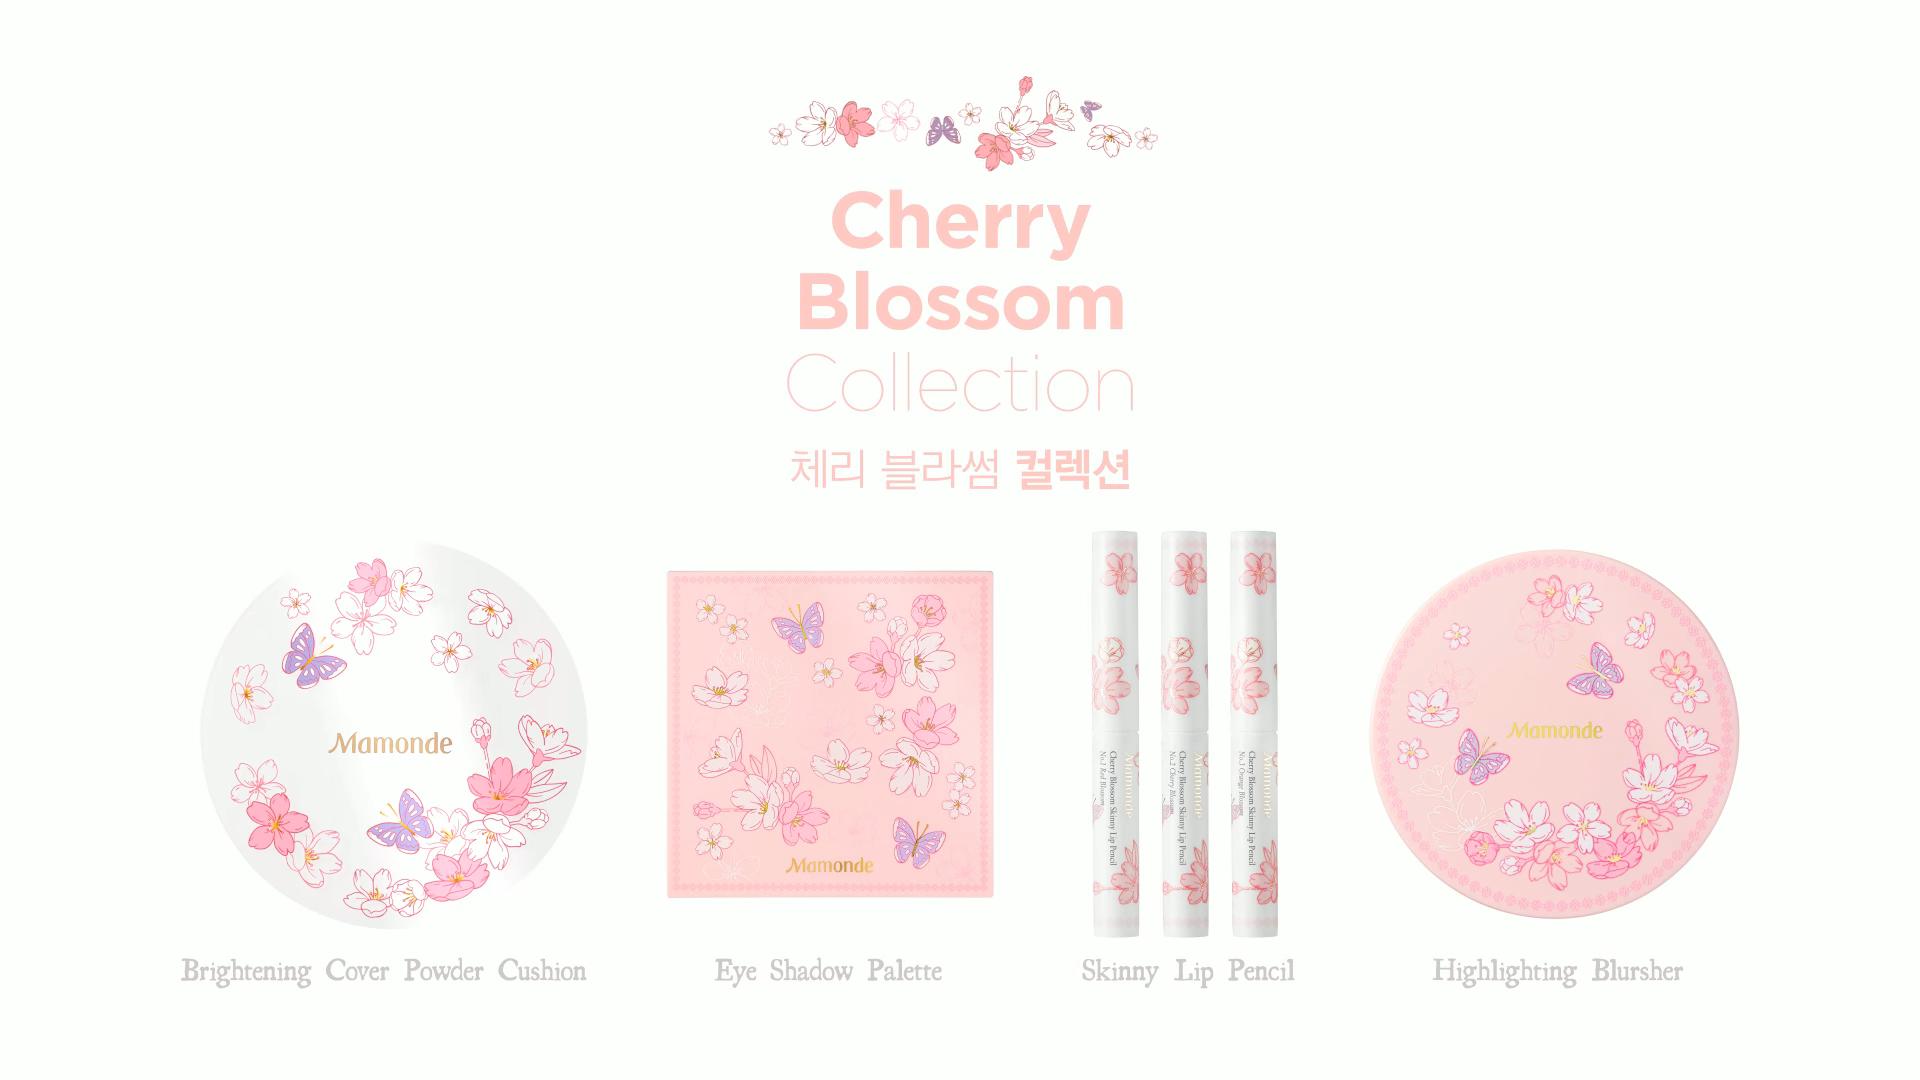 ผลการค้นหารูปà¸�าพสำหรับ mamonde cherry blossom highlighting blush